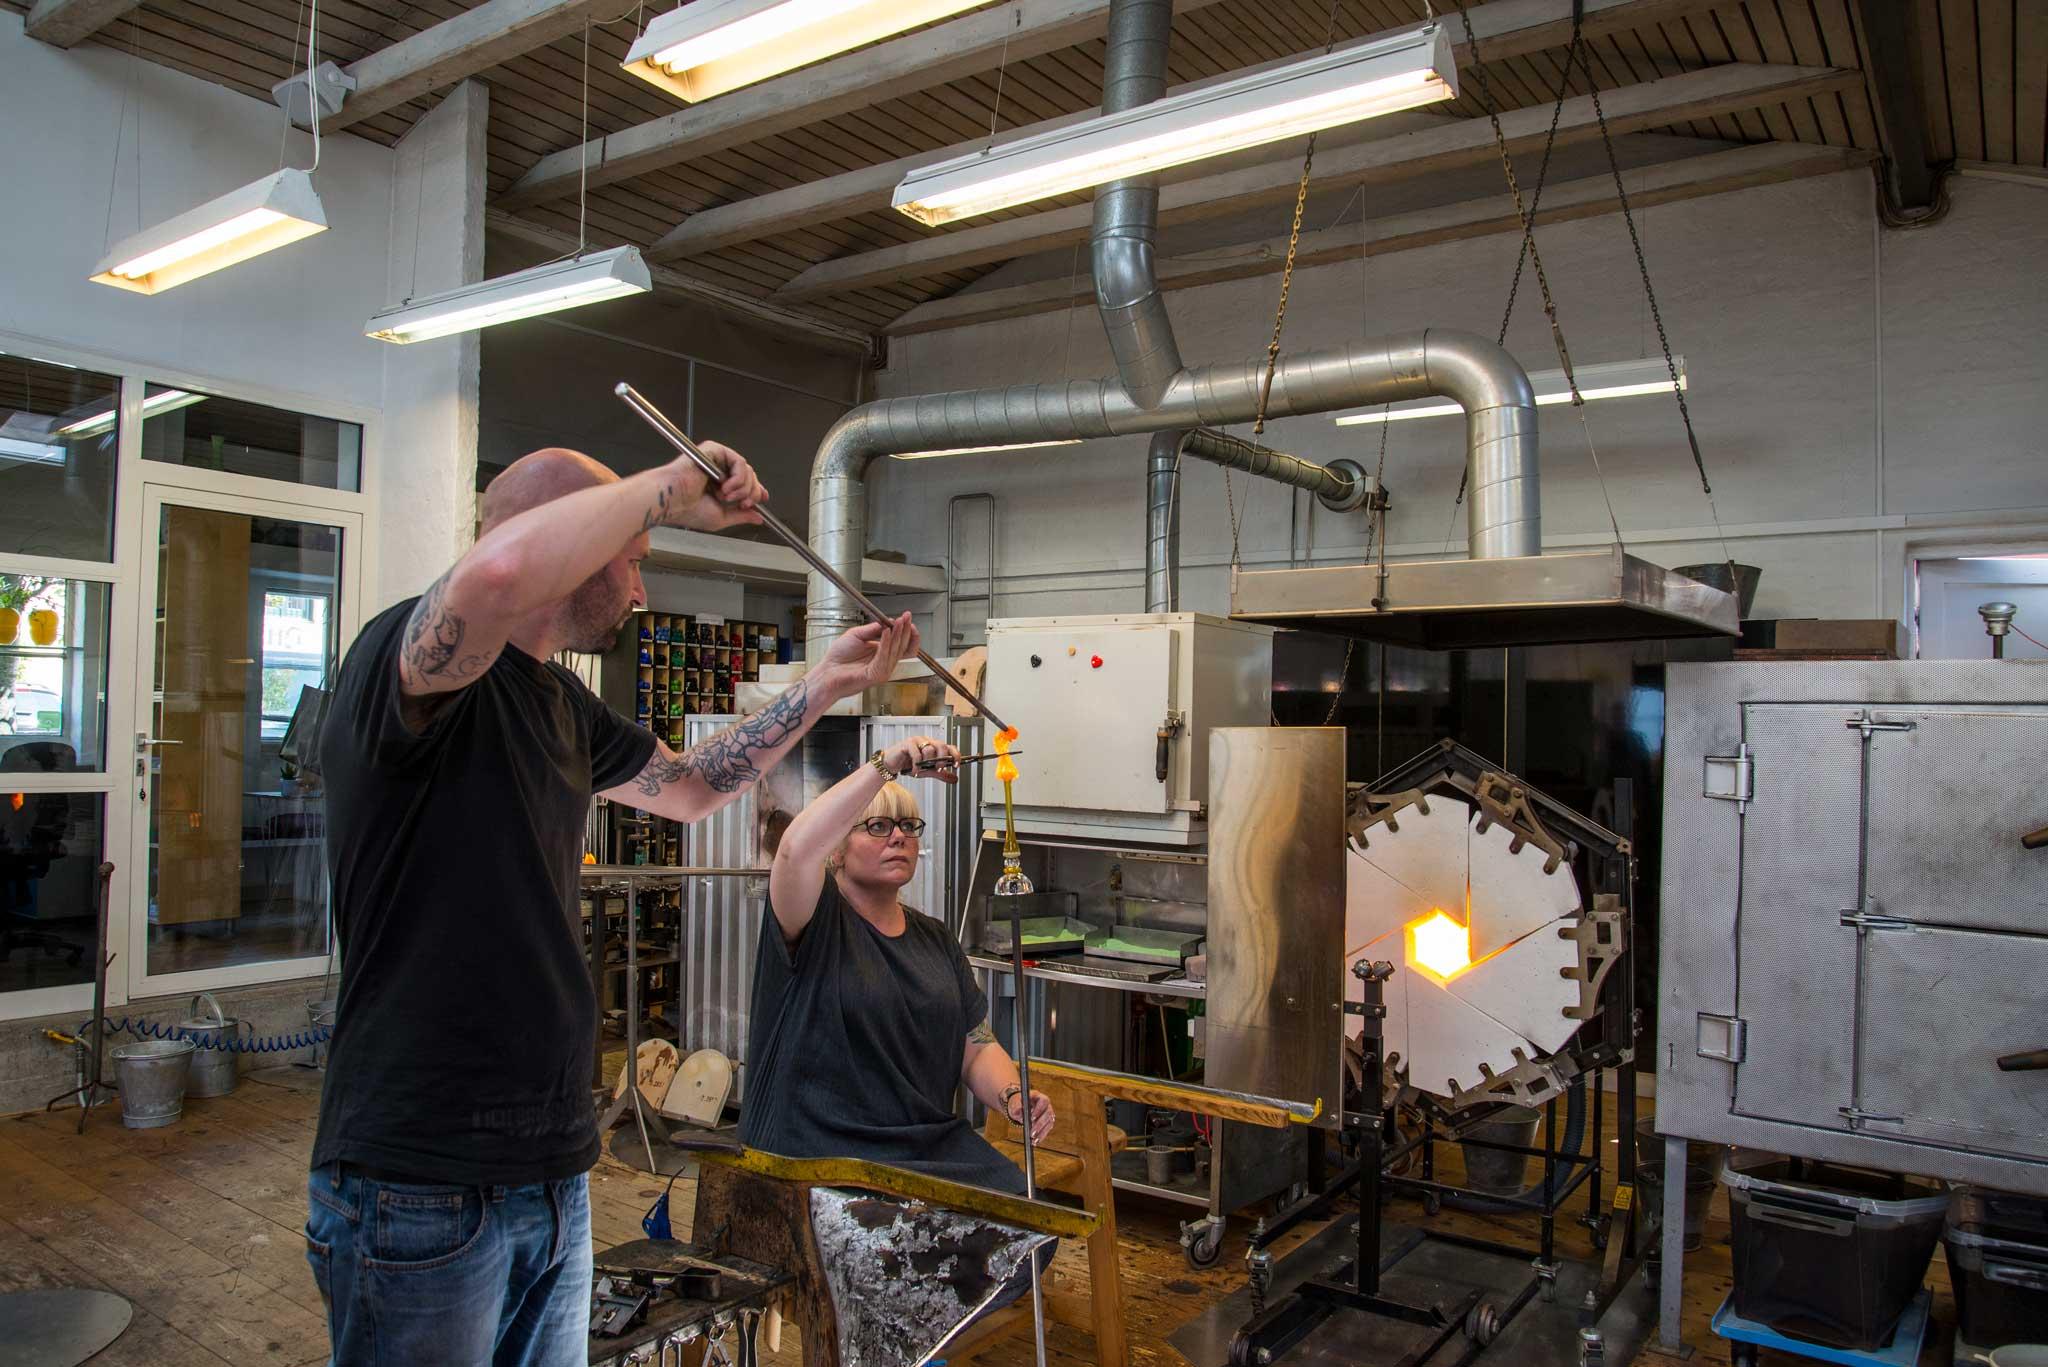 Hos Pernille Bülow kan du se glassblåserne i aksjon, eller prøve deg selv.